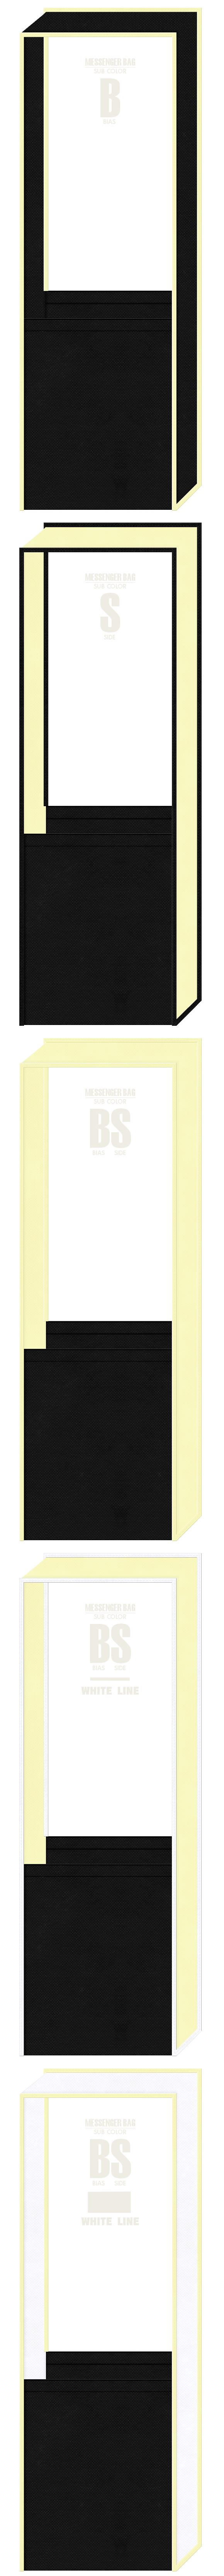 不織布メッセンジャーバッグのカラーシミュレーション(黒色・薄黄色・白色)